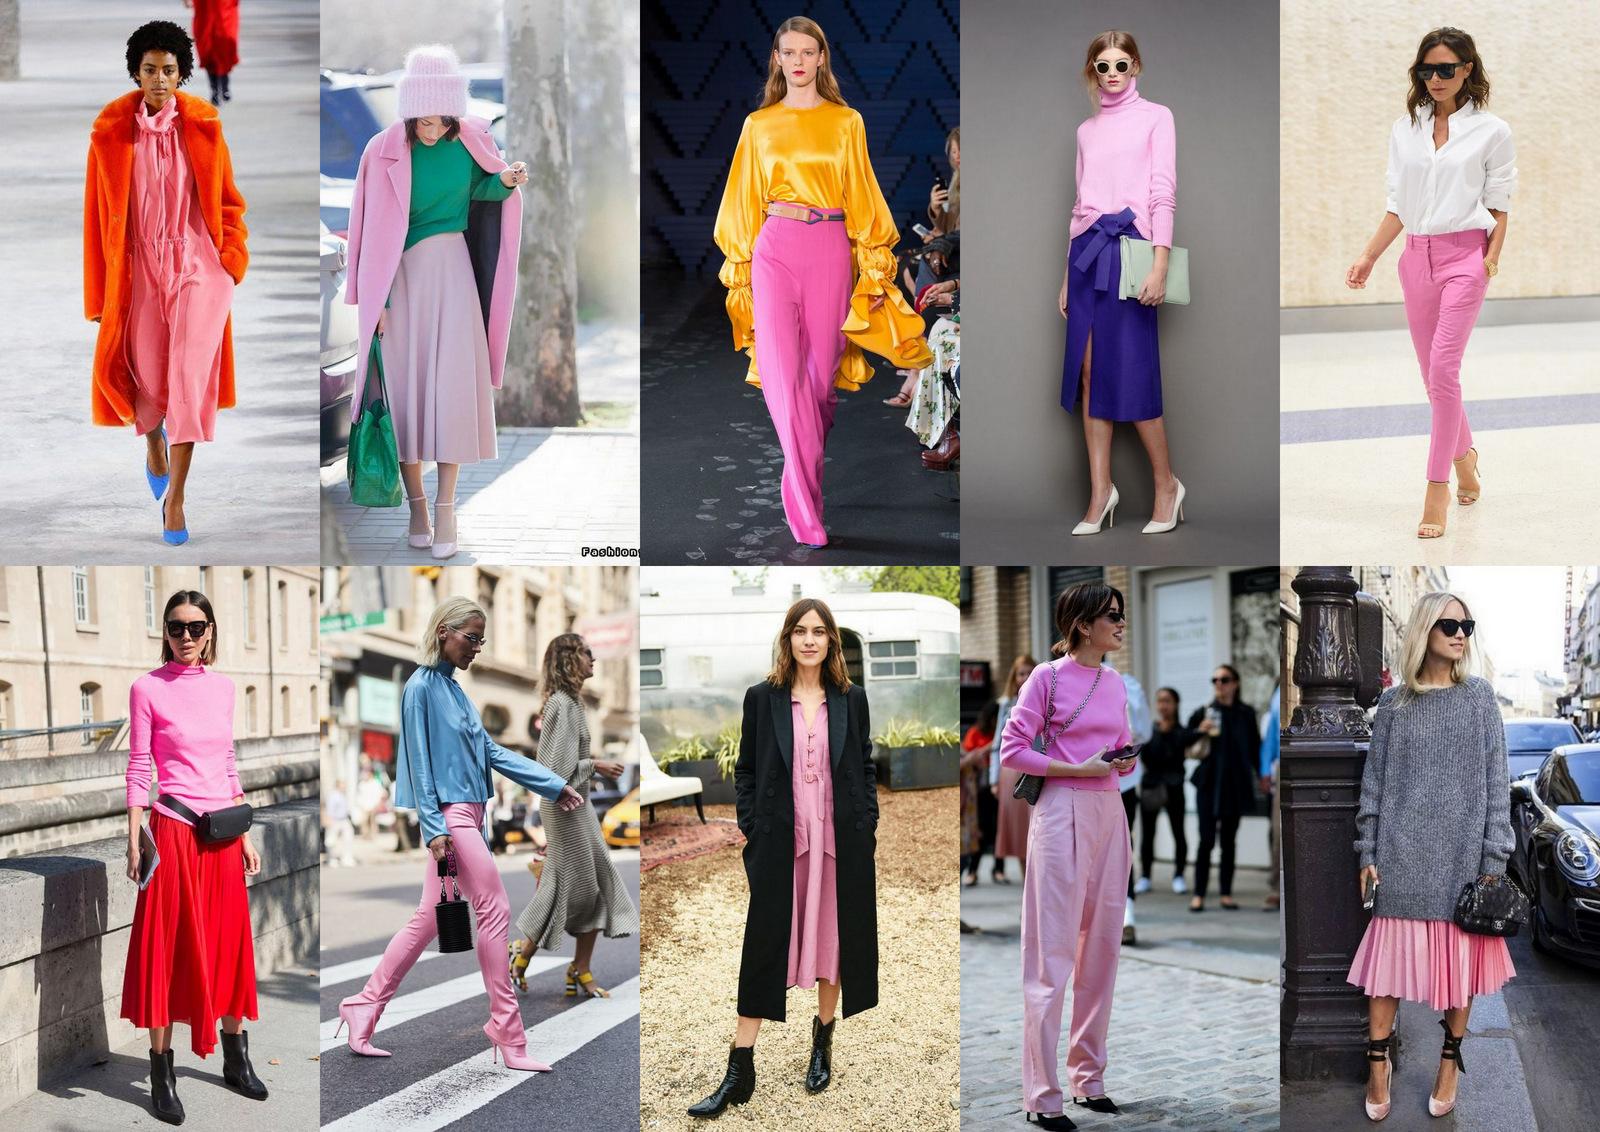 módny trend jar/leto 2018: RUŽOVÁ FARBA - s čím ju kombinovať a ako ju nosiť, aby ste nevyzerali ako cukrová vata  // fashion trend SS 2018: how to wear pink color